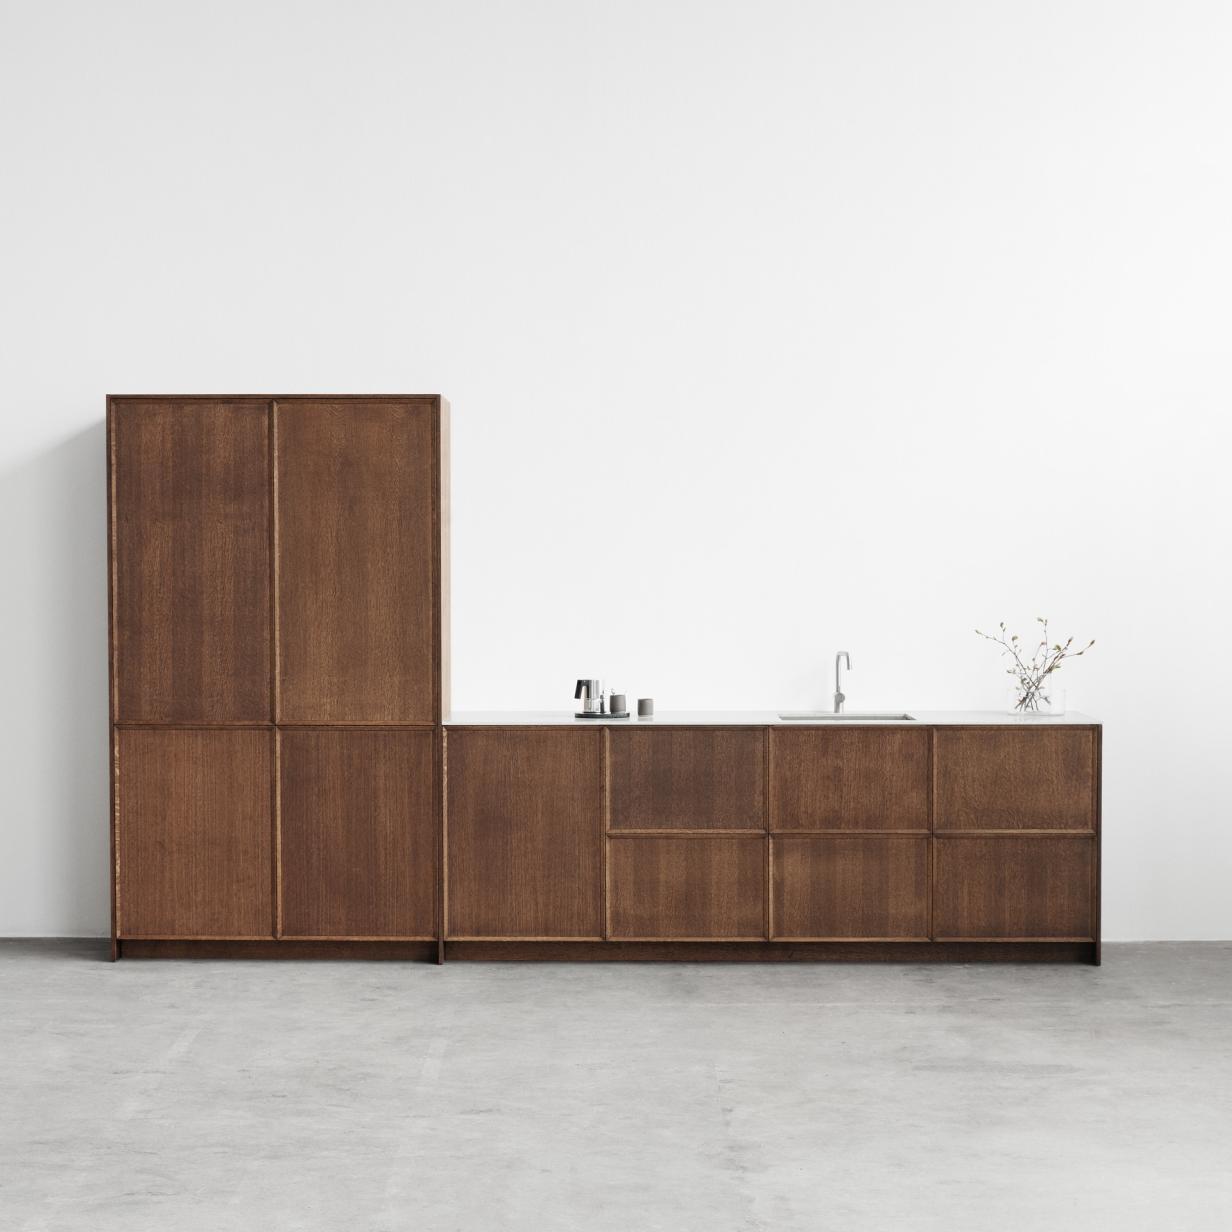 Wie man mit einem Ikea-Hack günstig zur Designer-Küche kommt